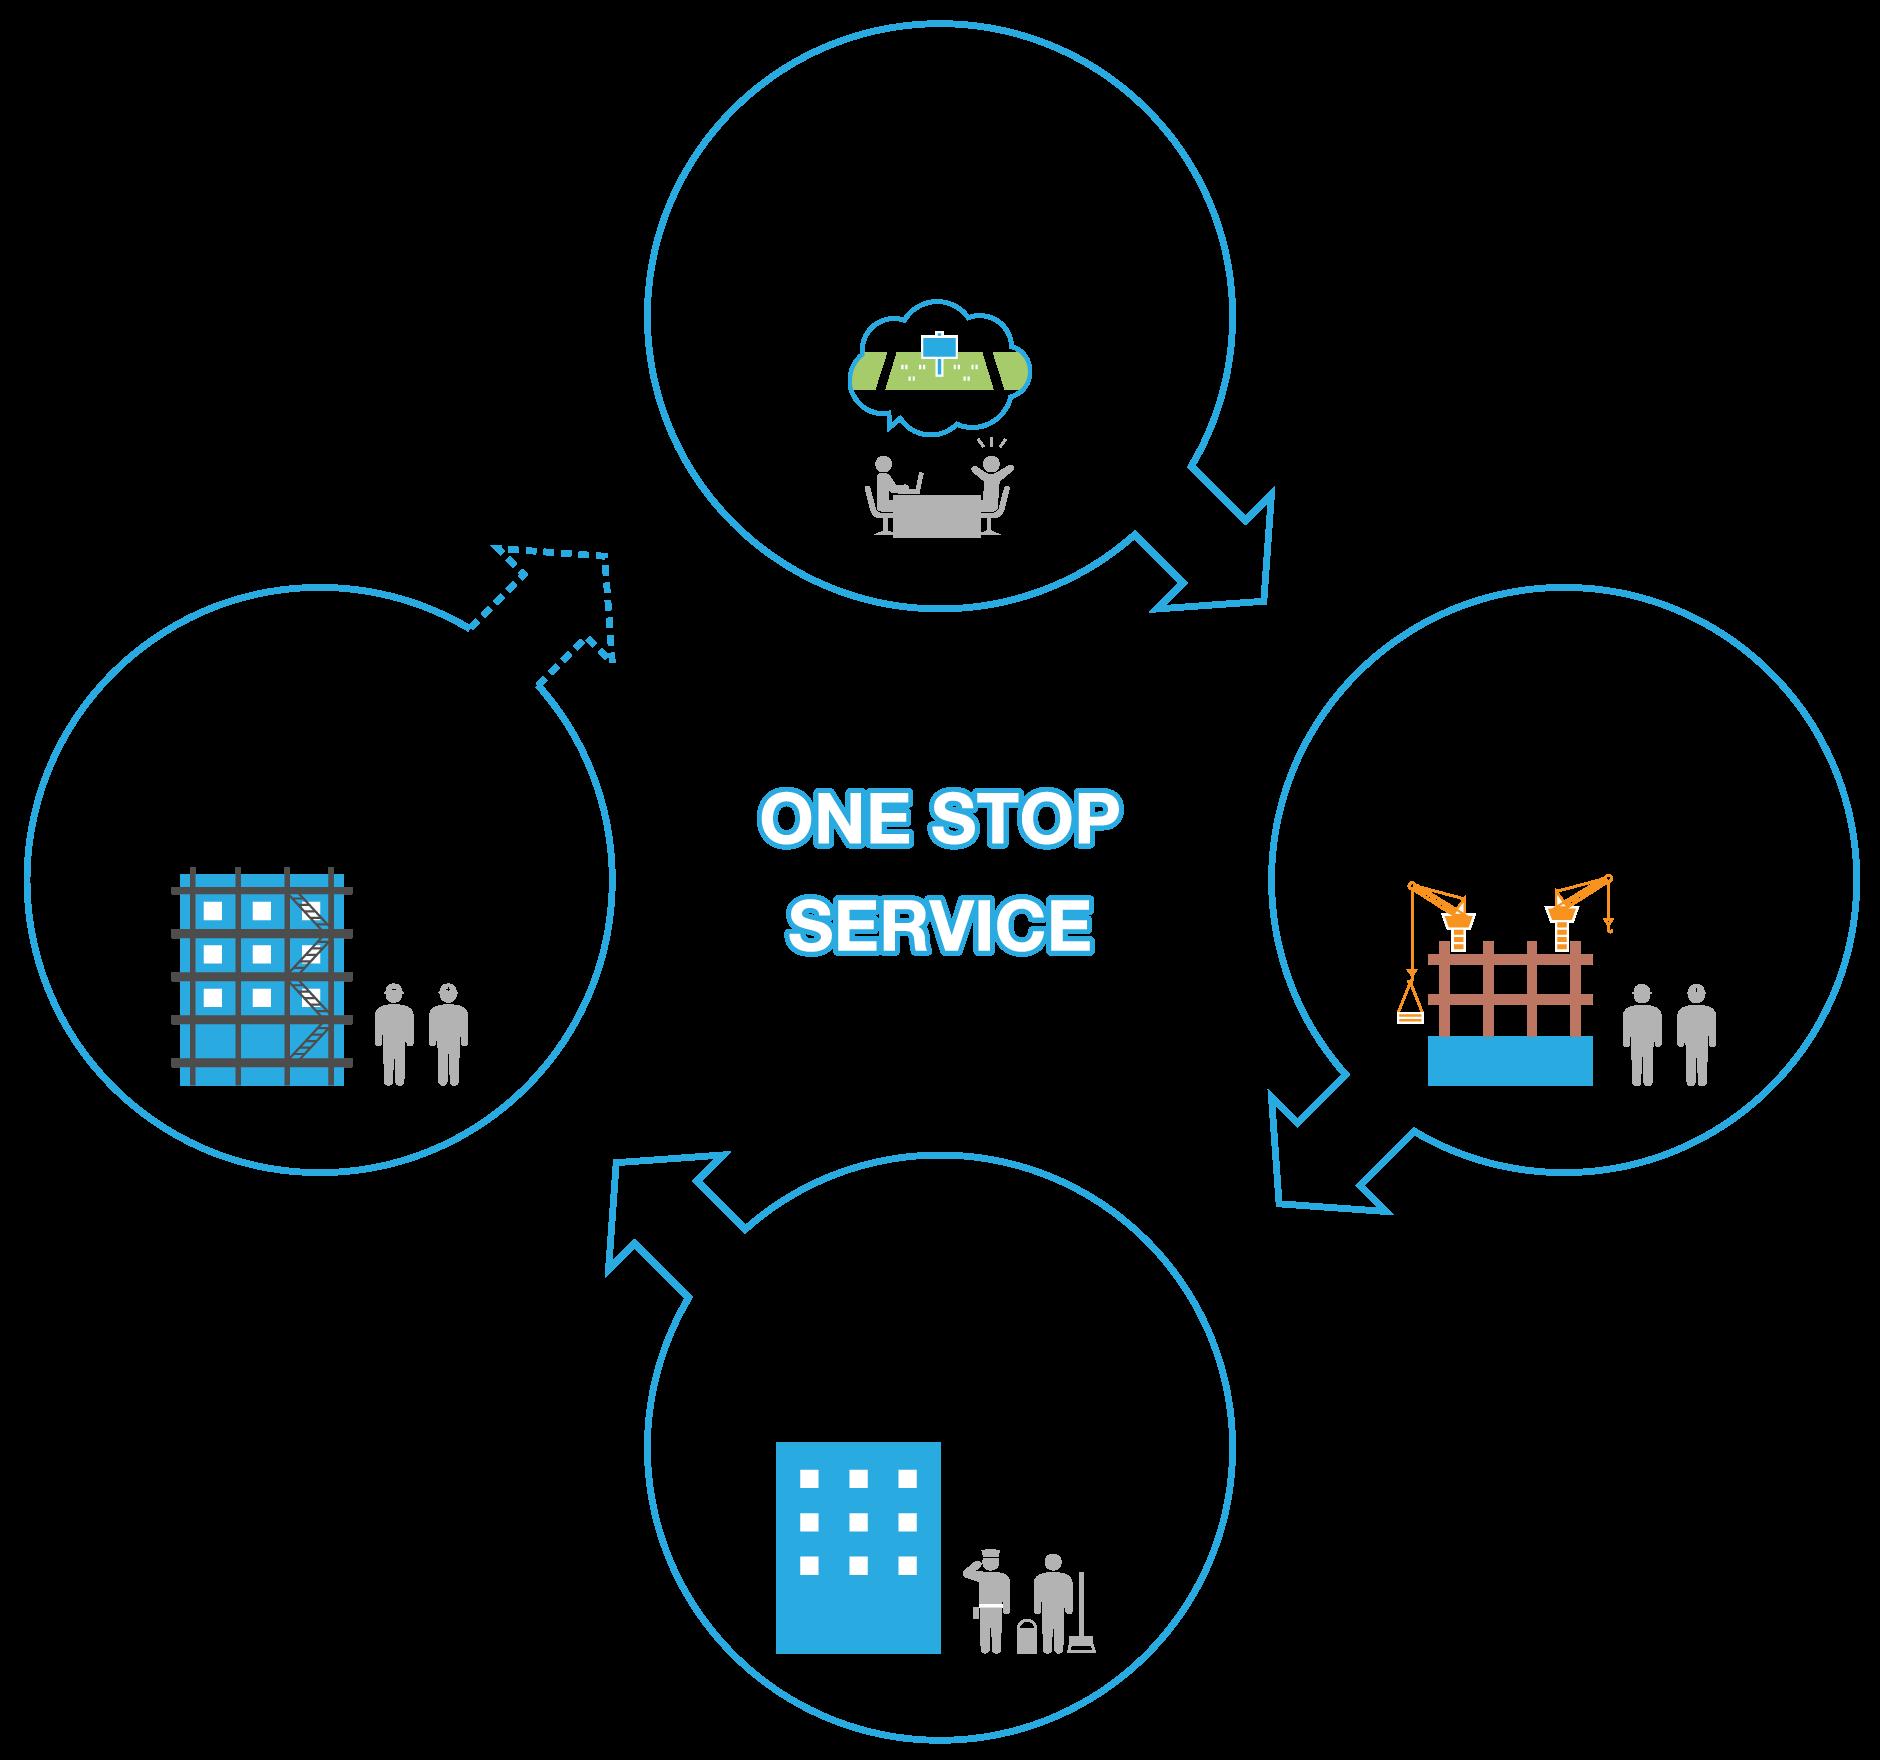 当社は、建物の建設はもとより、「鈴与コンストラクショングループ」の総合力によって保守運用、アフターメンテナンスまでのサービスをワンストップでご提供できるという特長があります。